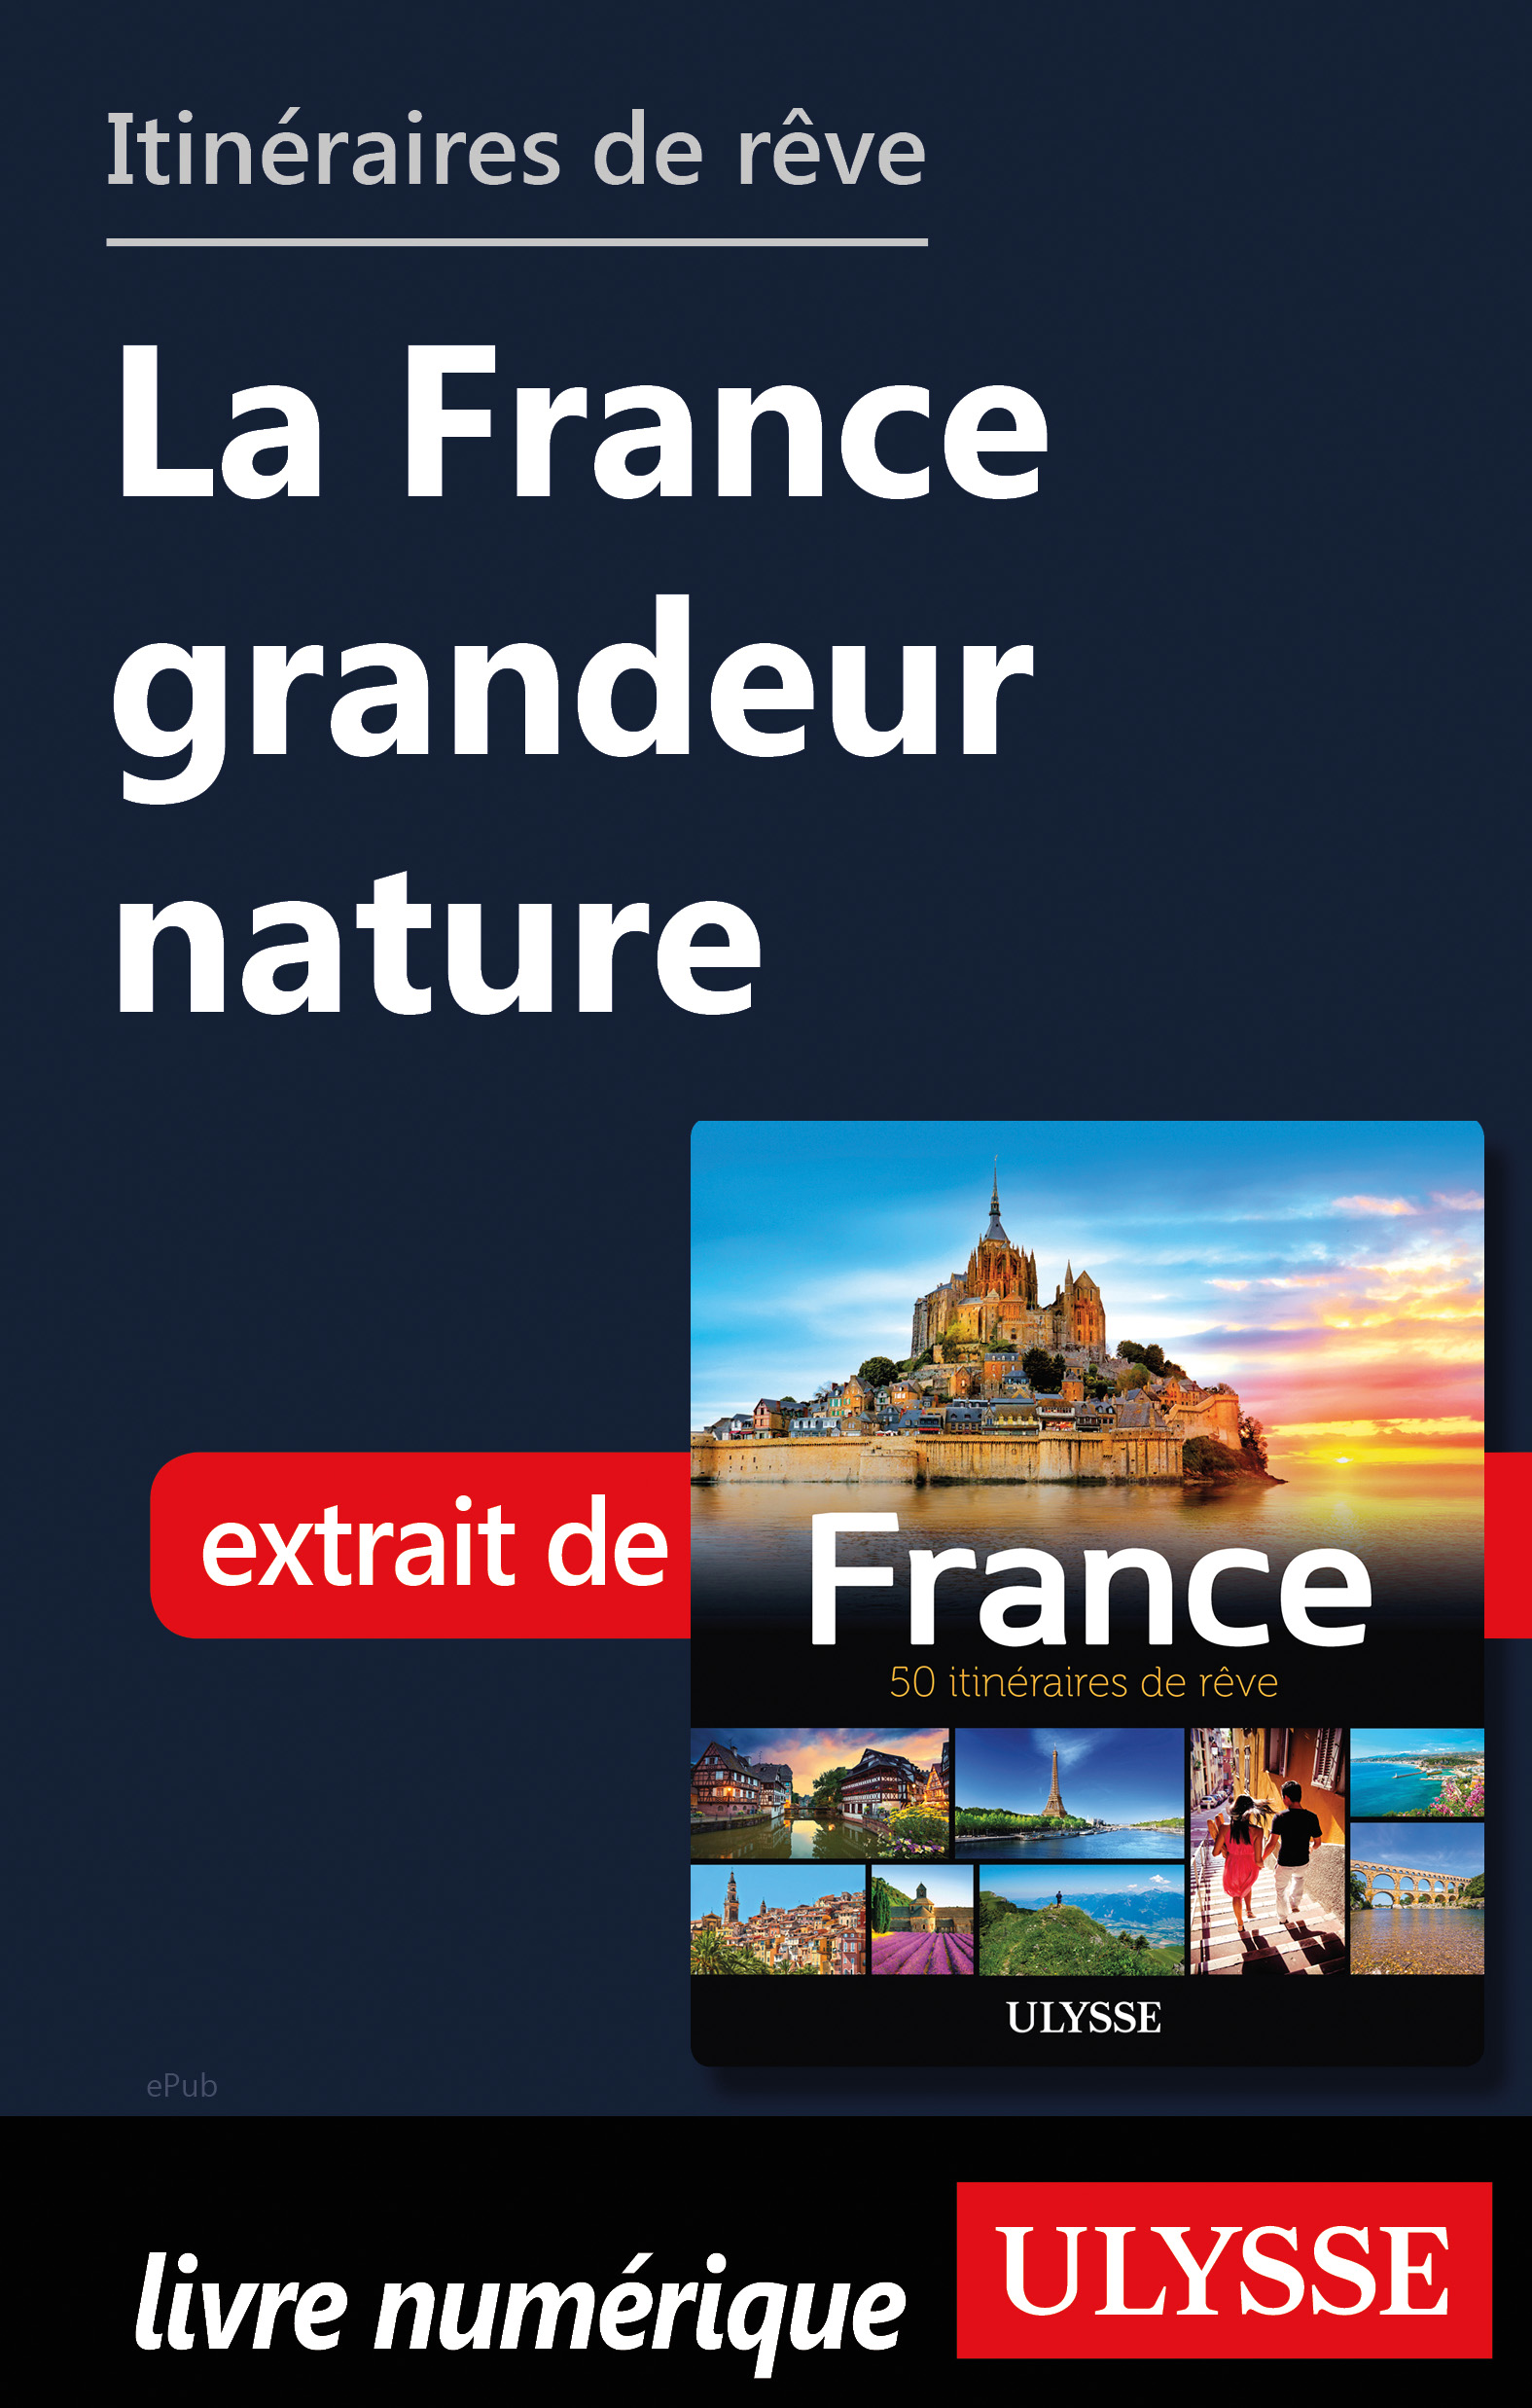 Itinéraires de rêve - La France grandeur nature